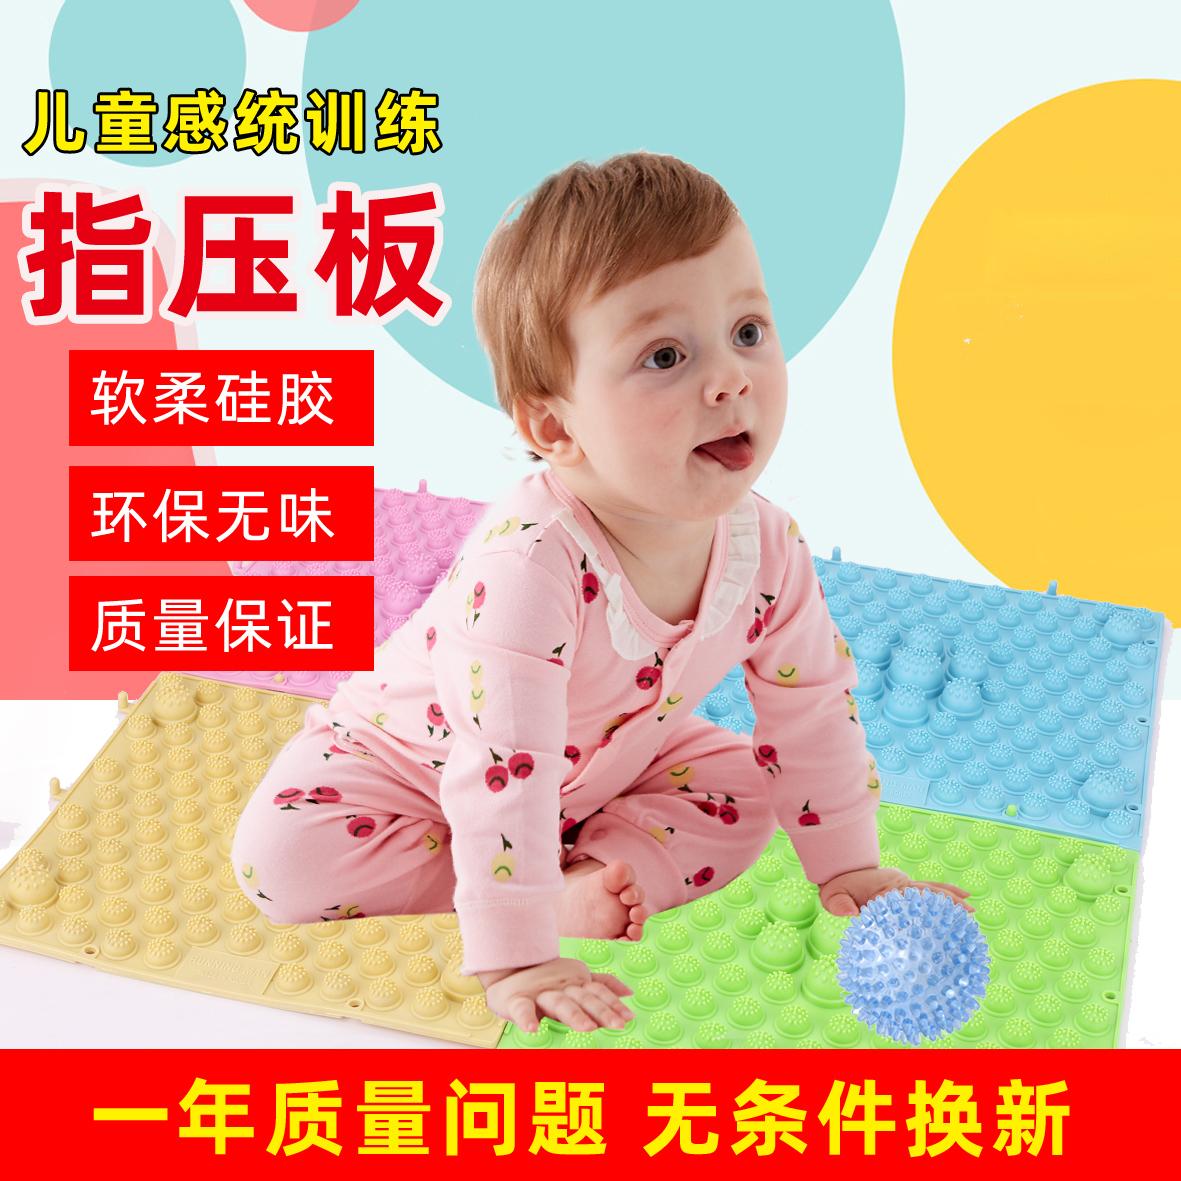 硅胶儿童感统训练柔软指压板脚底按摩垫小朋友宝宝触感脚垫压指板 - 图0